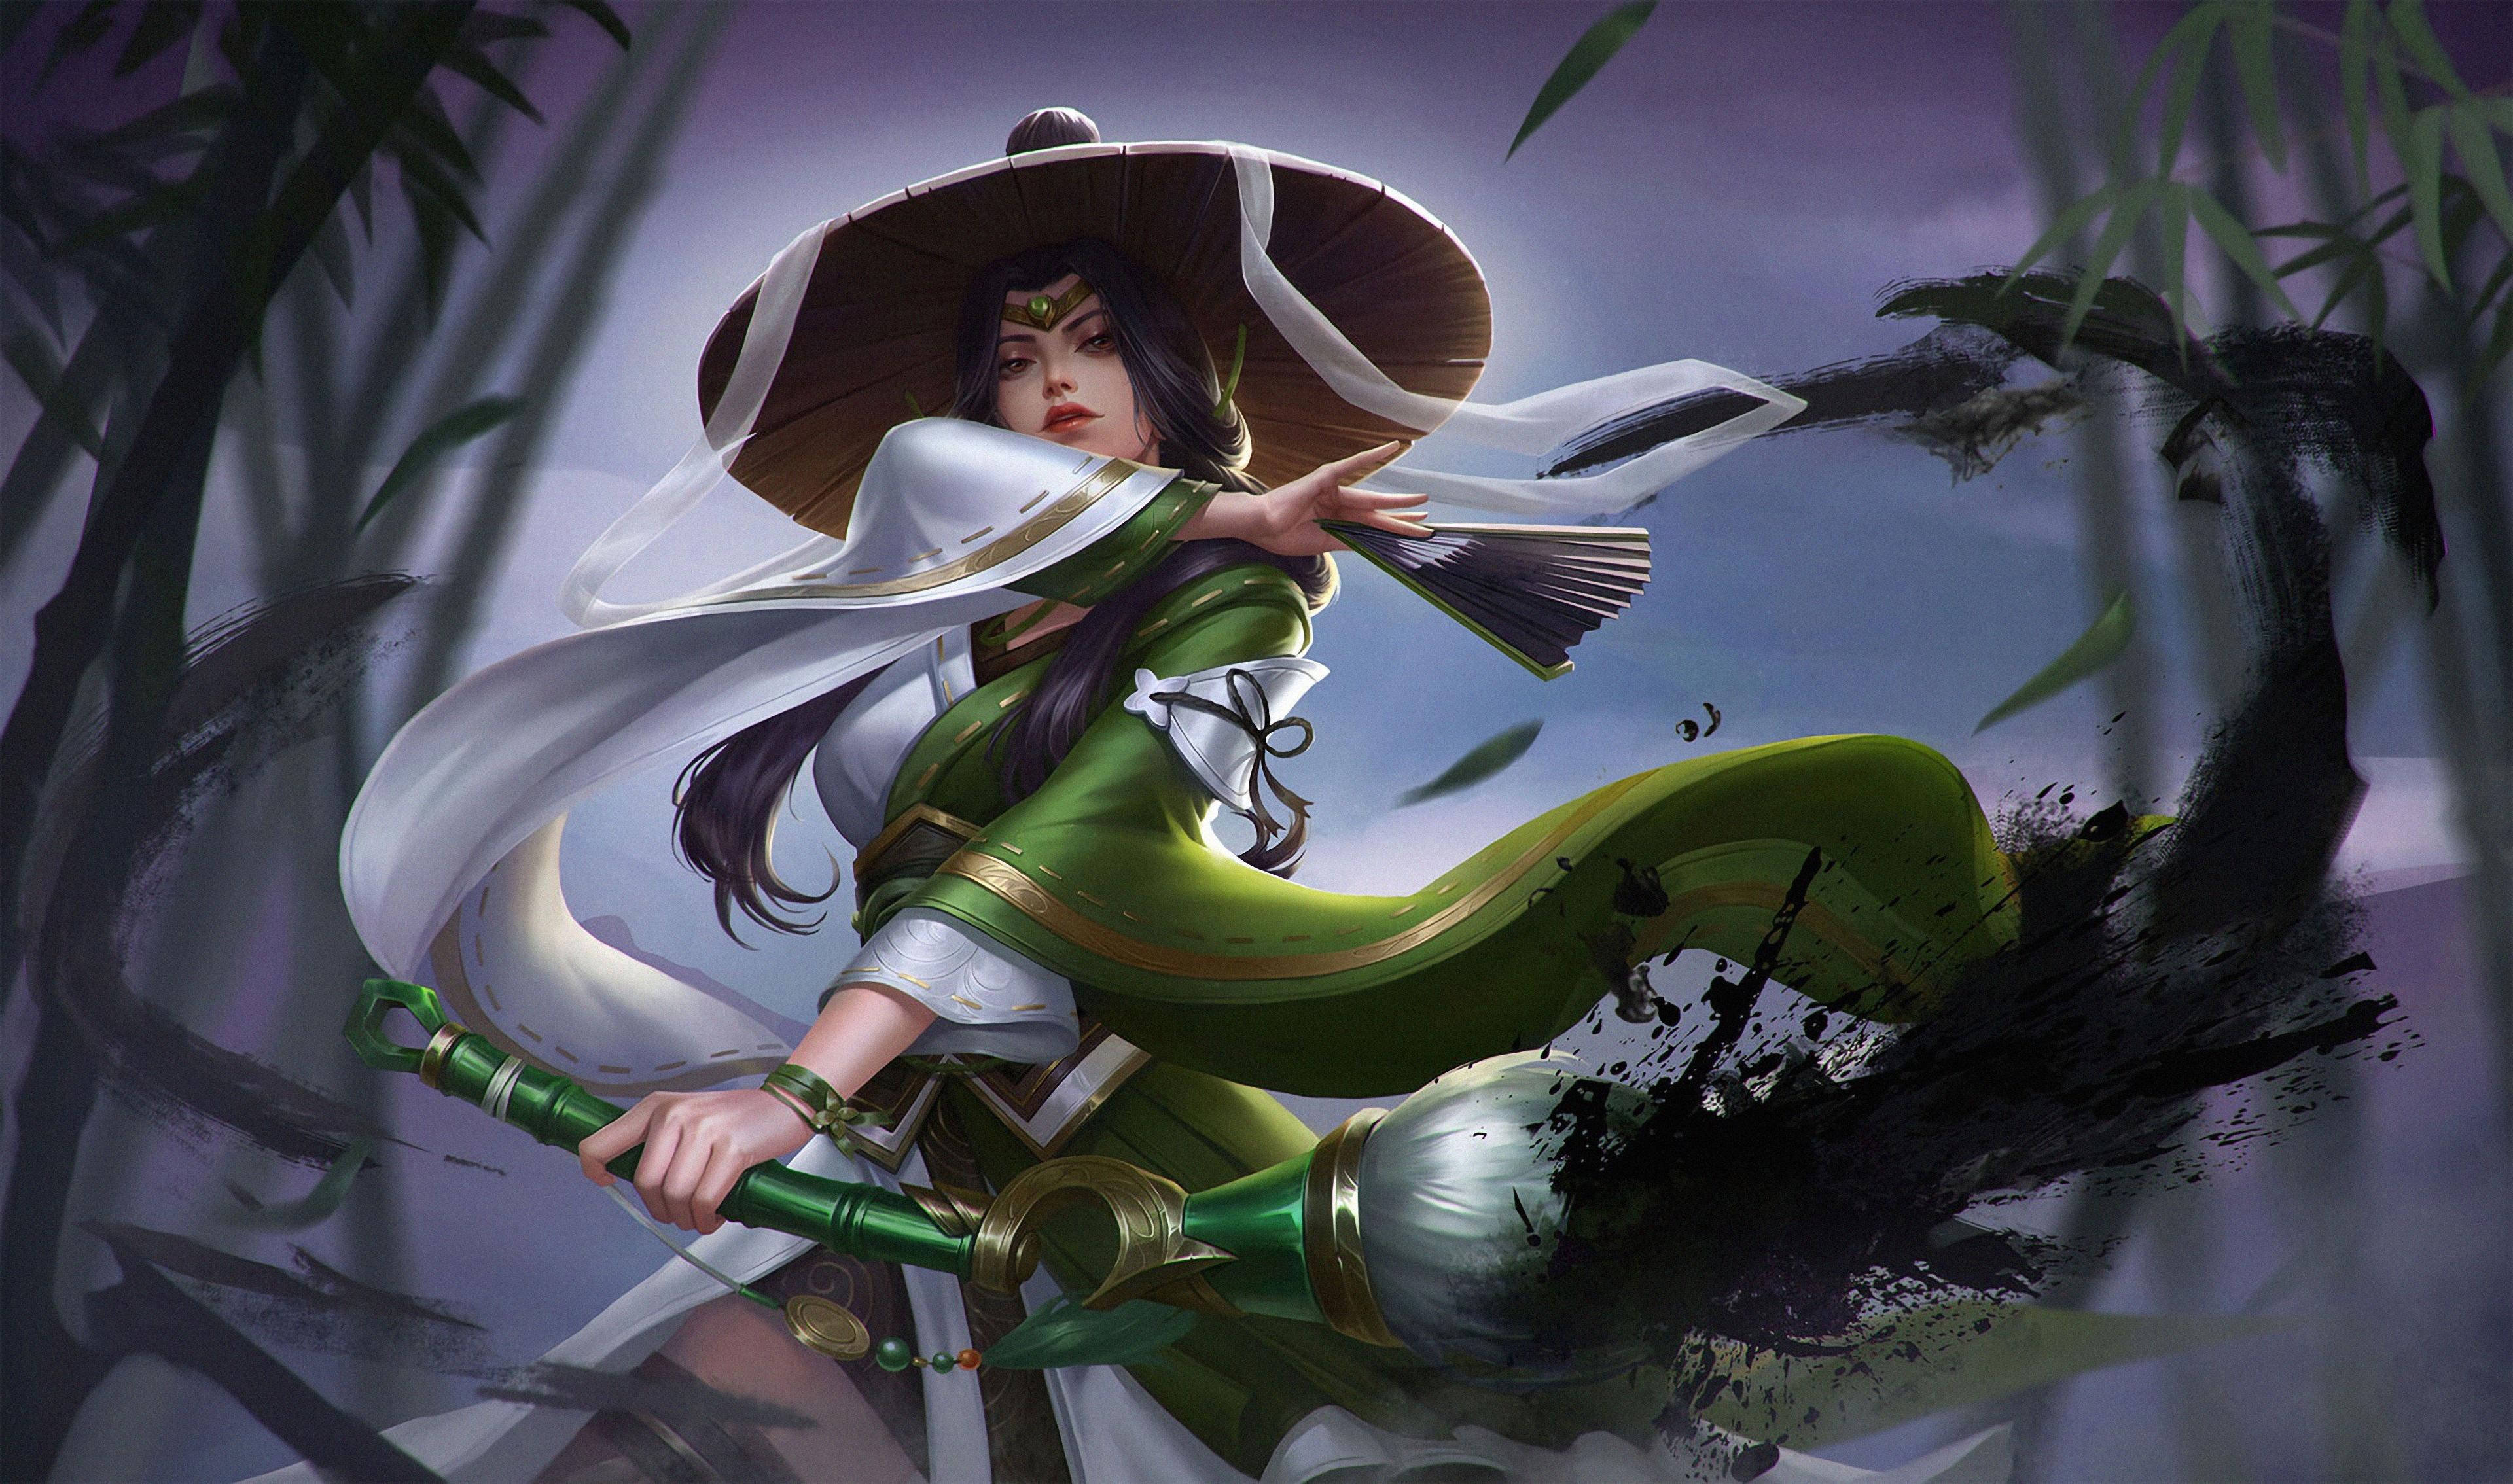 warrior anime girl 1578253794 - Warrior Anime Girl -